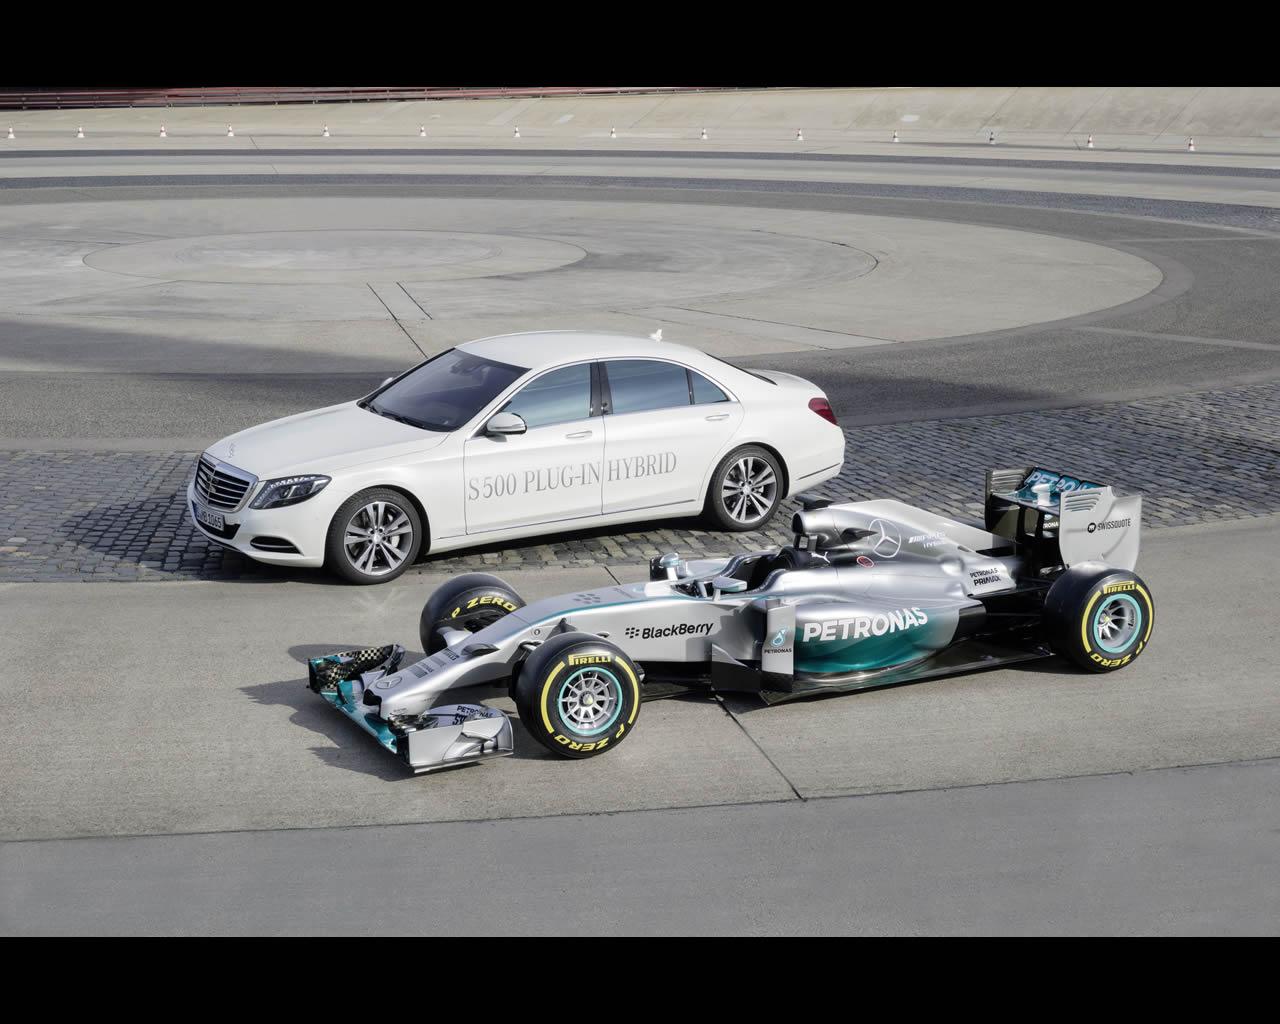 Mercedes benz s500 plug in hybrid 2014 for Mercedes benz hybrid models